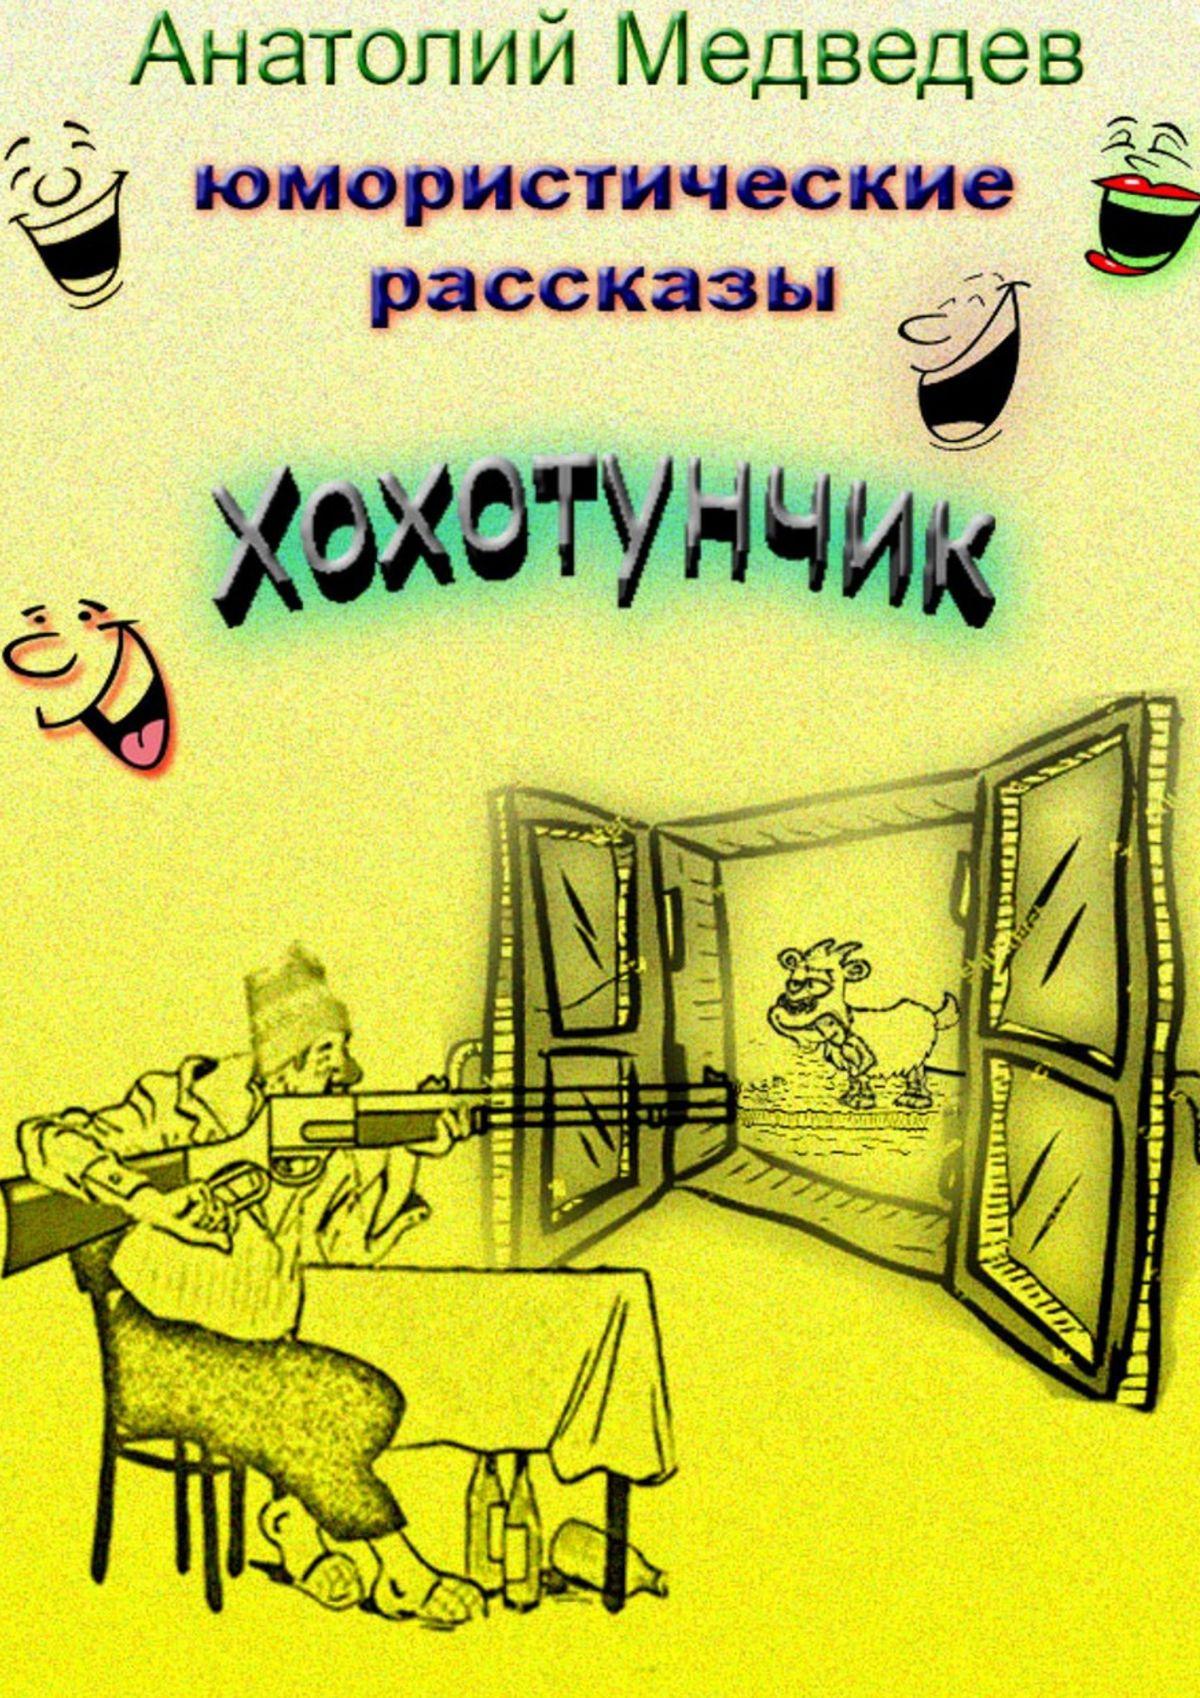 цены на Анатолий Медведев Хохотунчик. Сборник юмористических рассказов  в интернет-магазинах